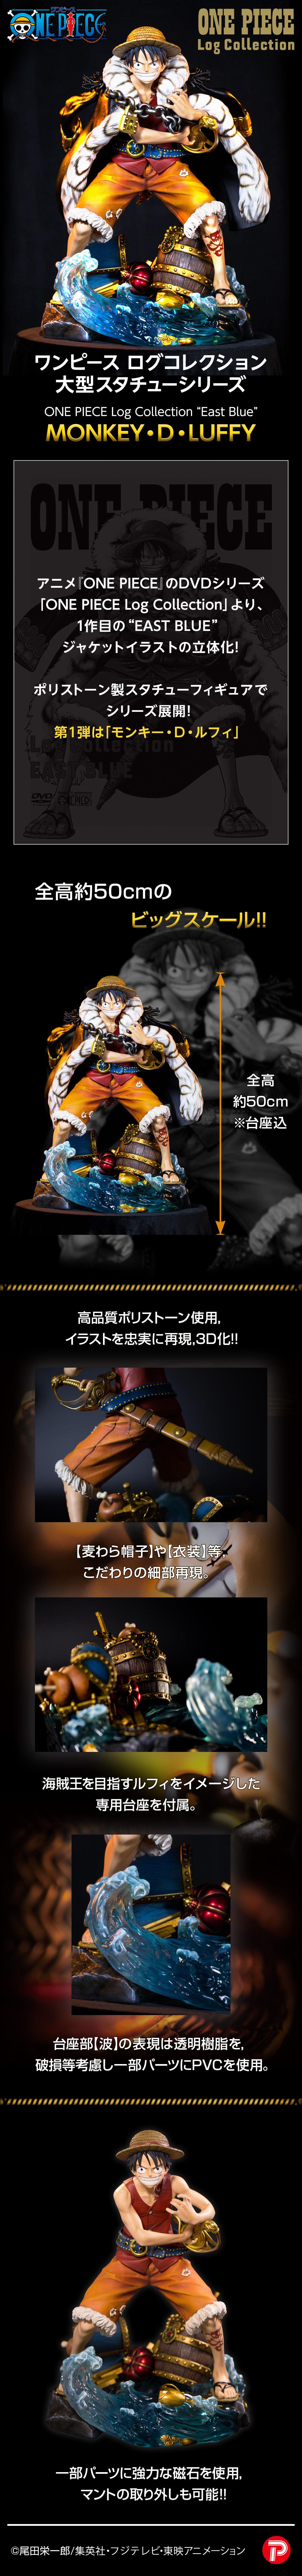 """《航海王》 LOG COLLECTION 系列 """"EAST BLUE""""  【蒙其·D·魯夫】超巨大尺寸!ワンピース ログコレクション 大型スタチューシリーズ モンキー・D・ルフィ"""